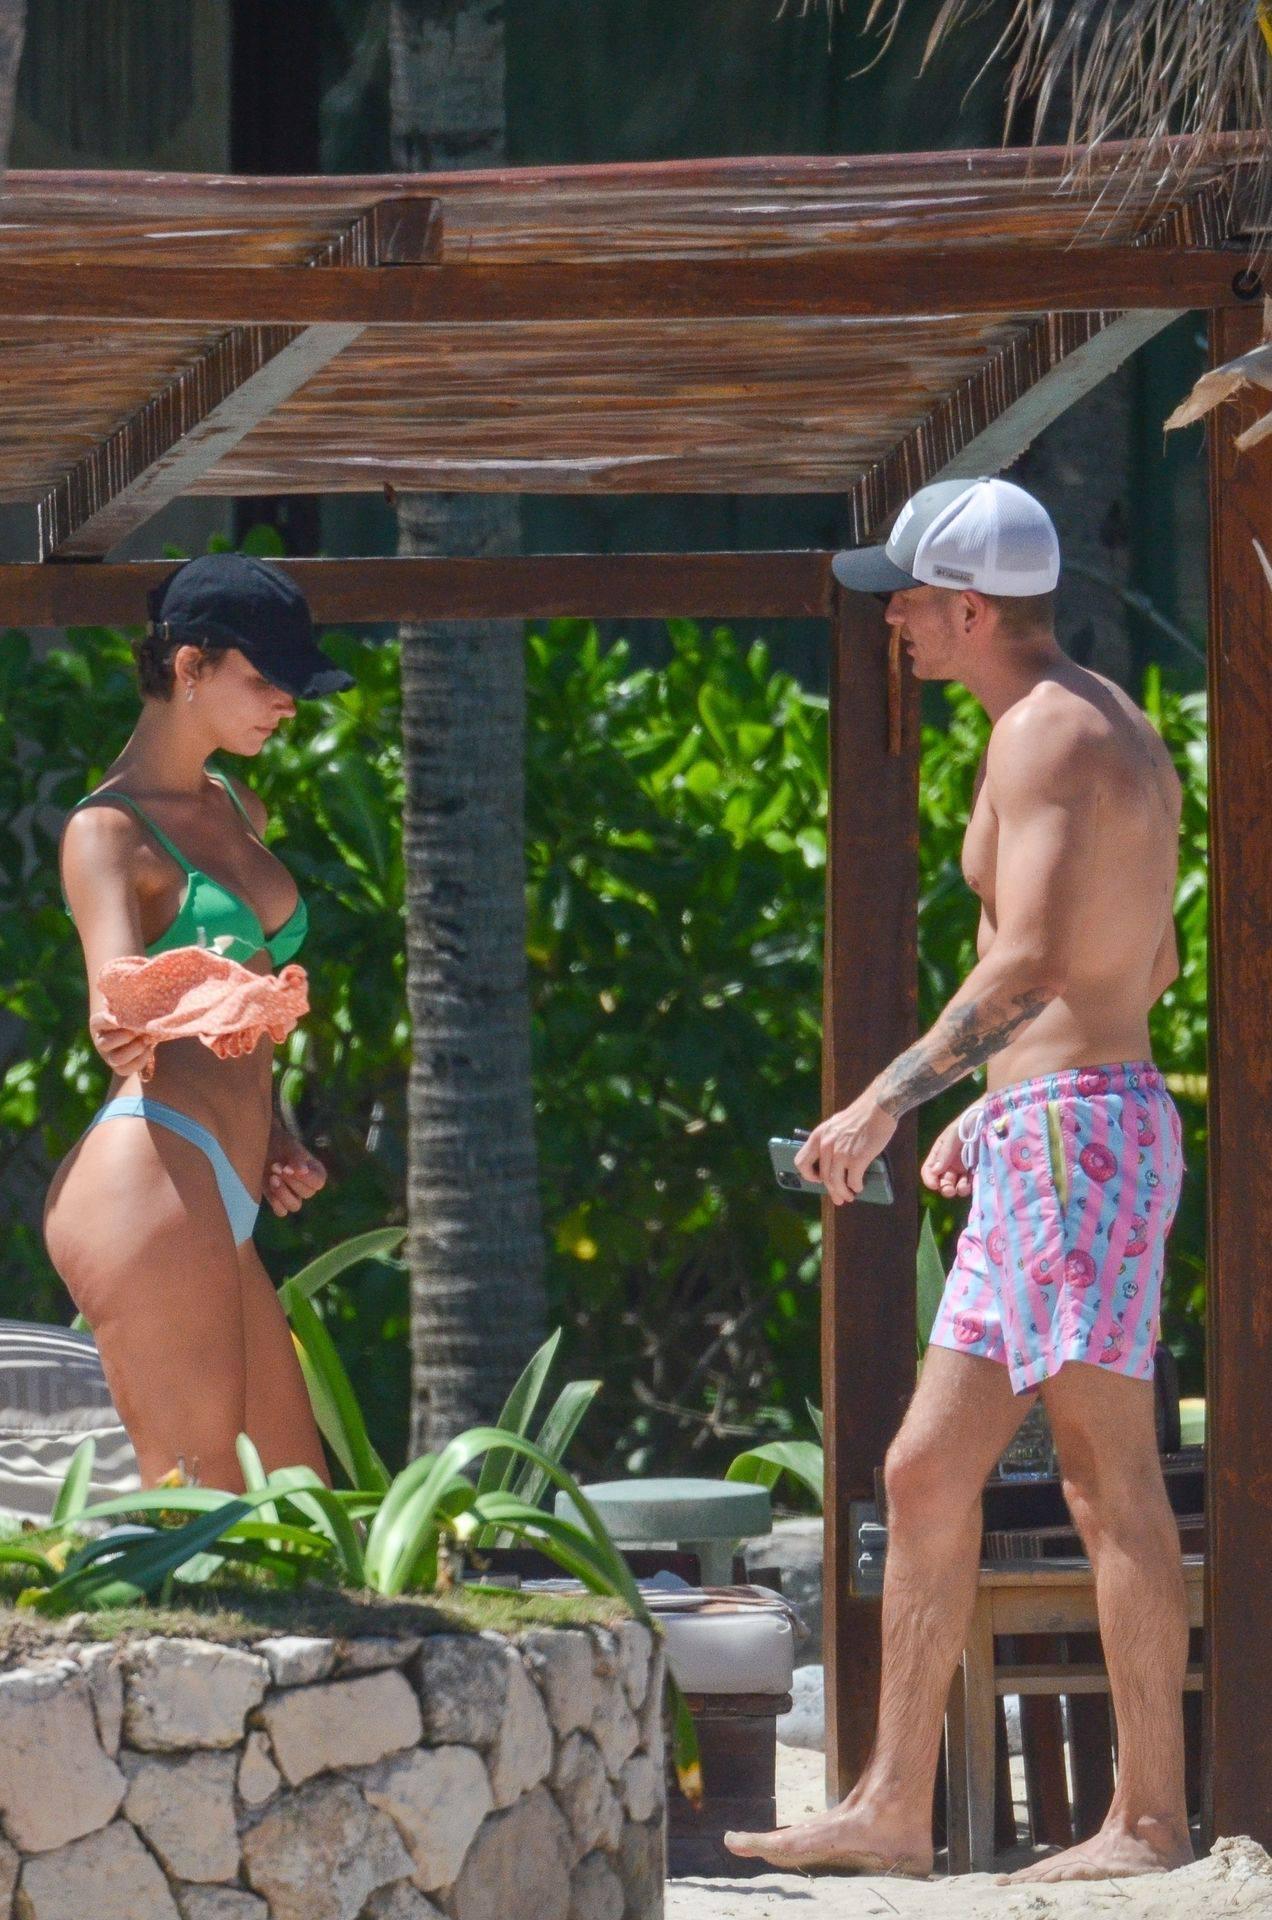 Rachel Cook – Beautiful Ass In Thong Bikini In Mexico 0020